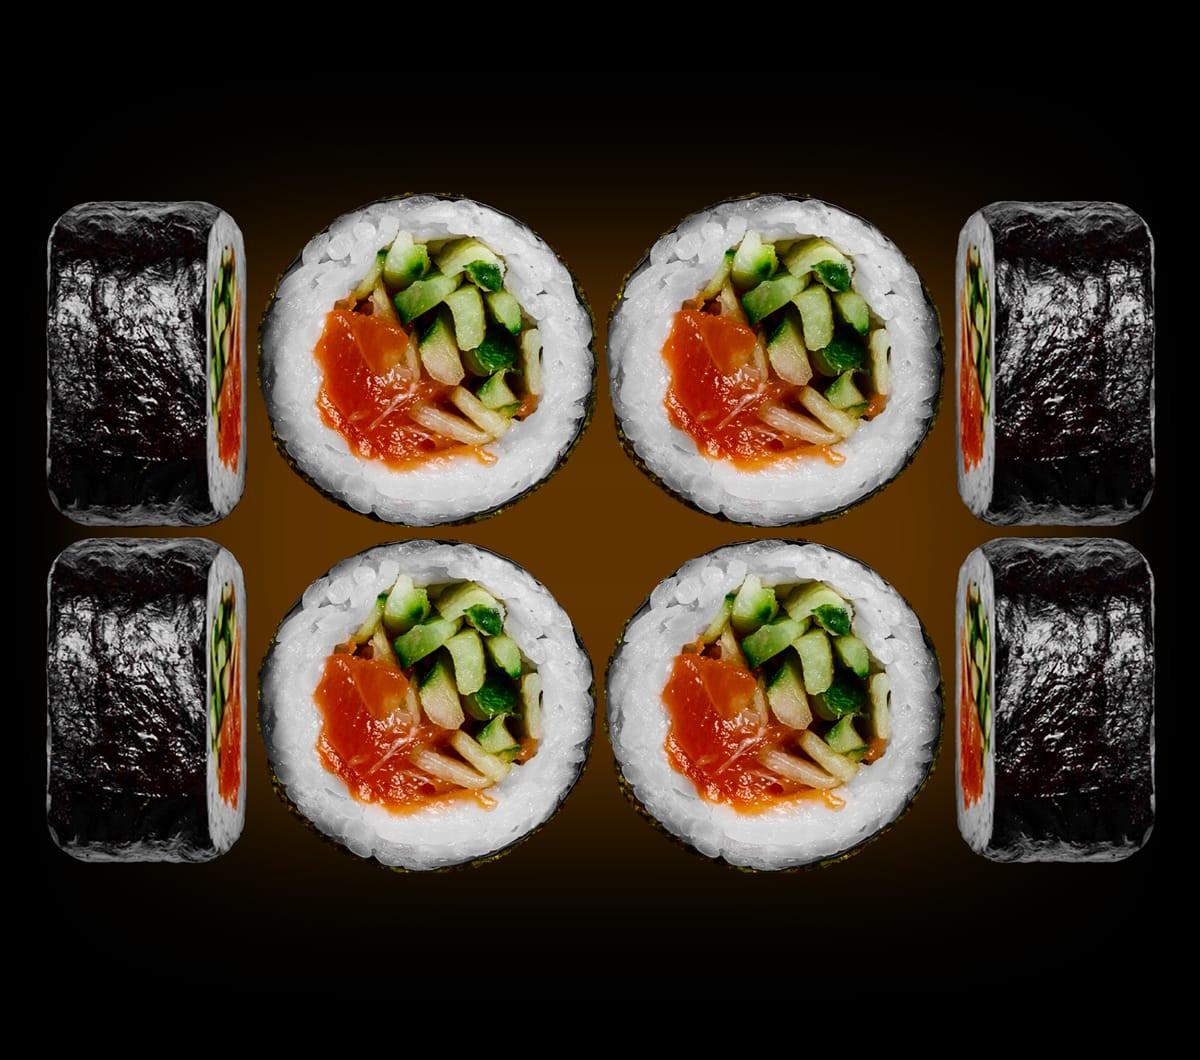 заказать:(uk) Ролли - Маки з лососем і огірком